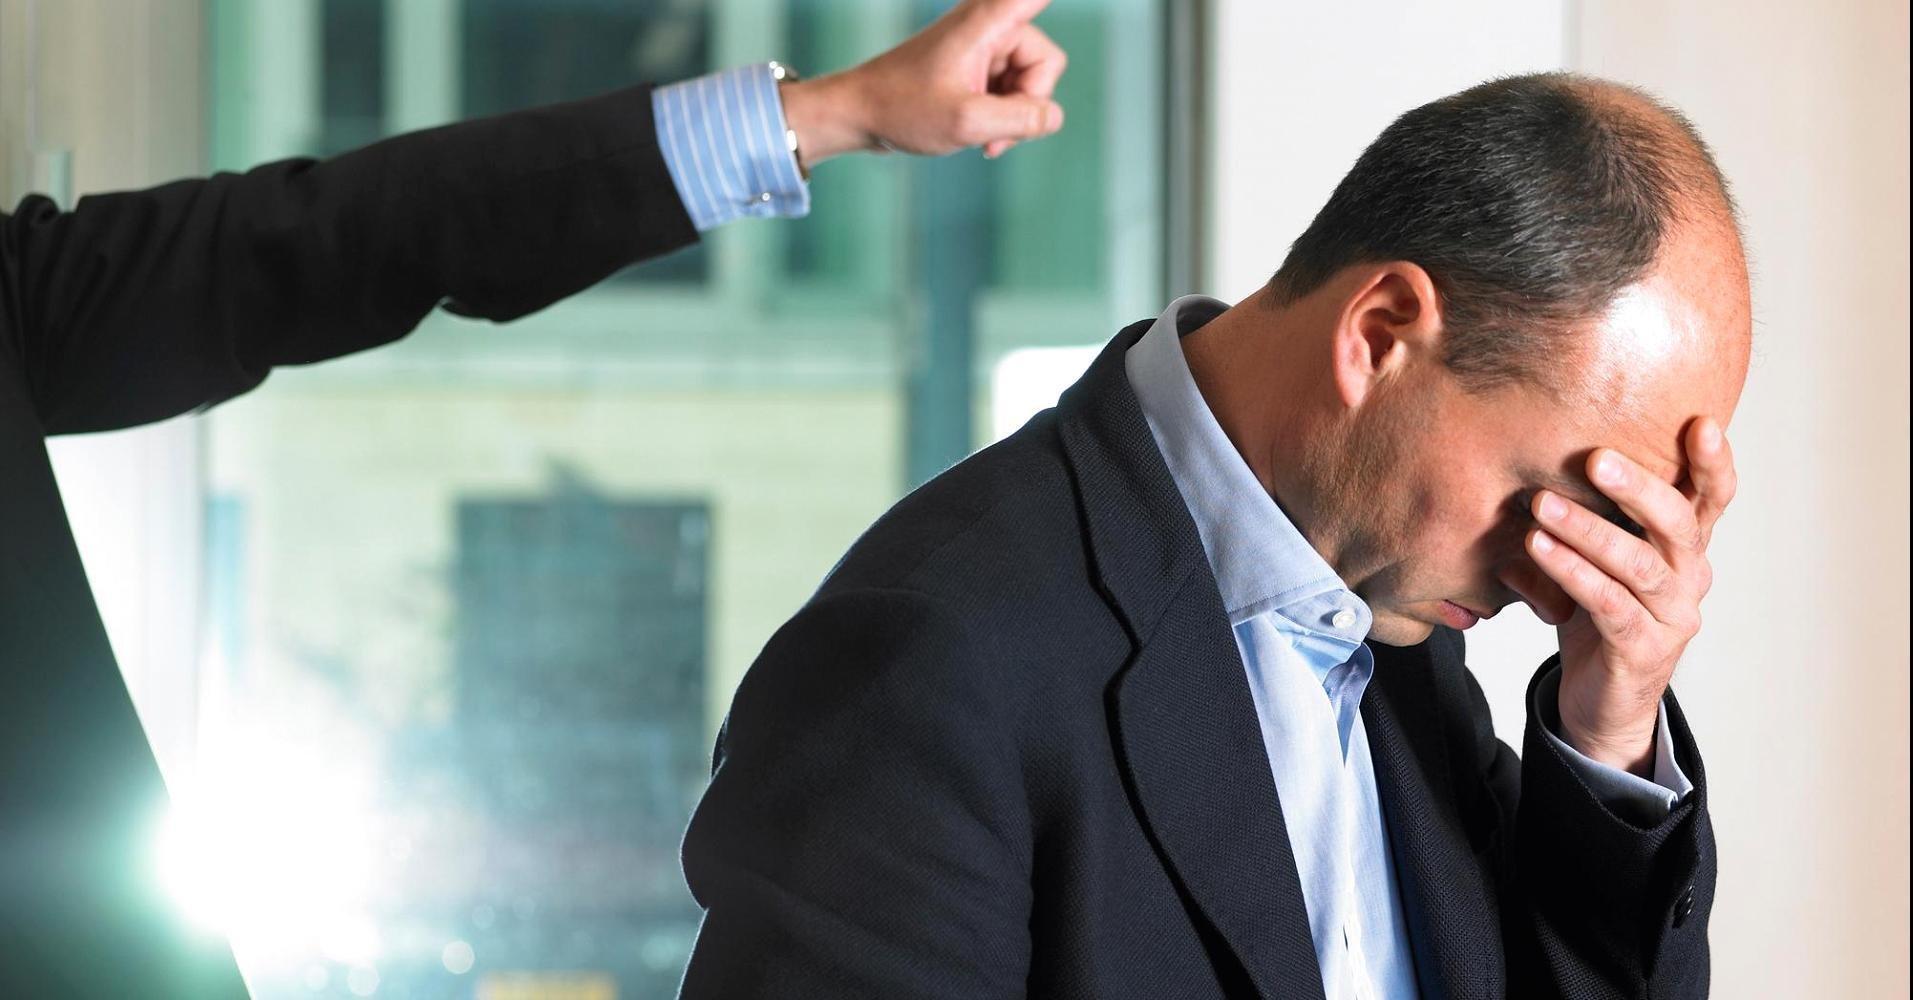 Равнодушный к проблемам коллег главврач лишился работы